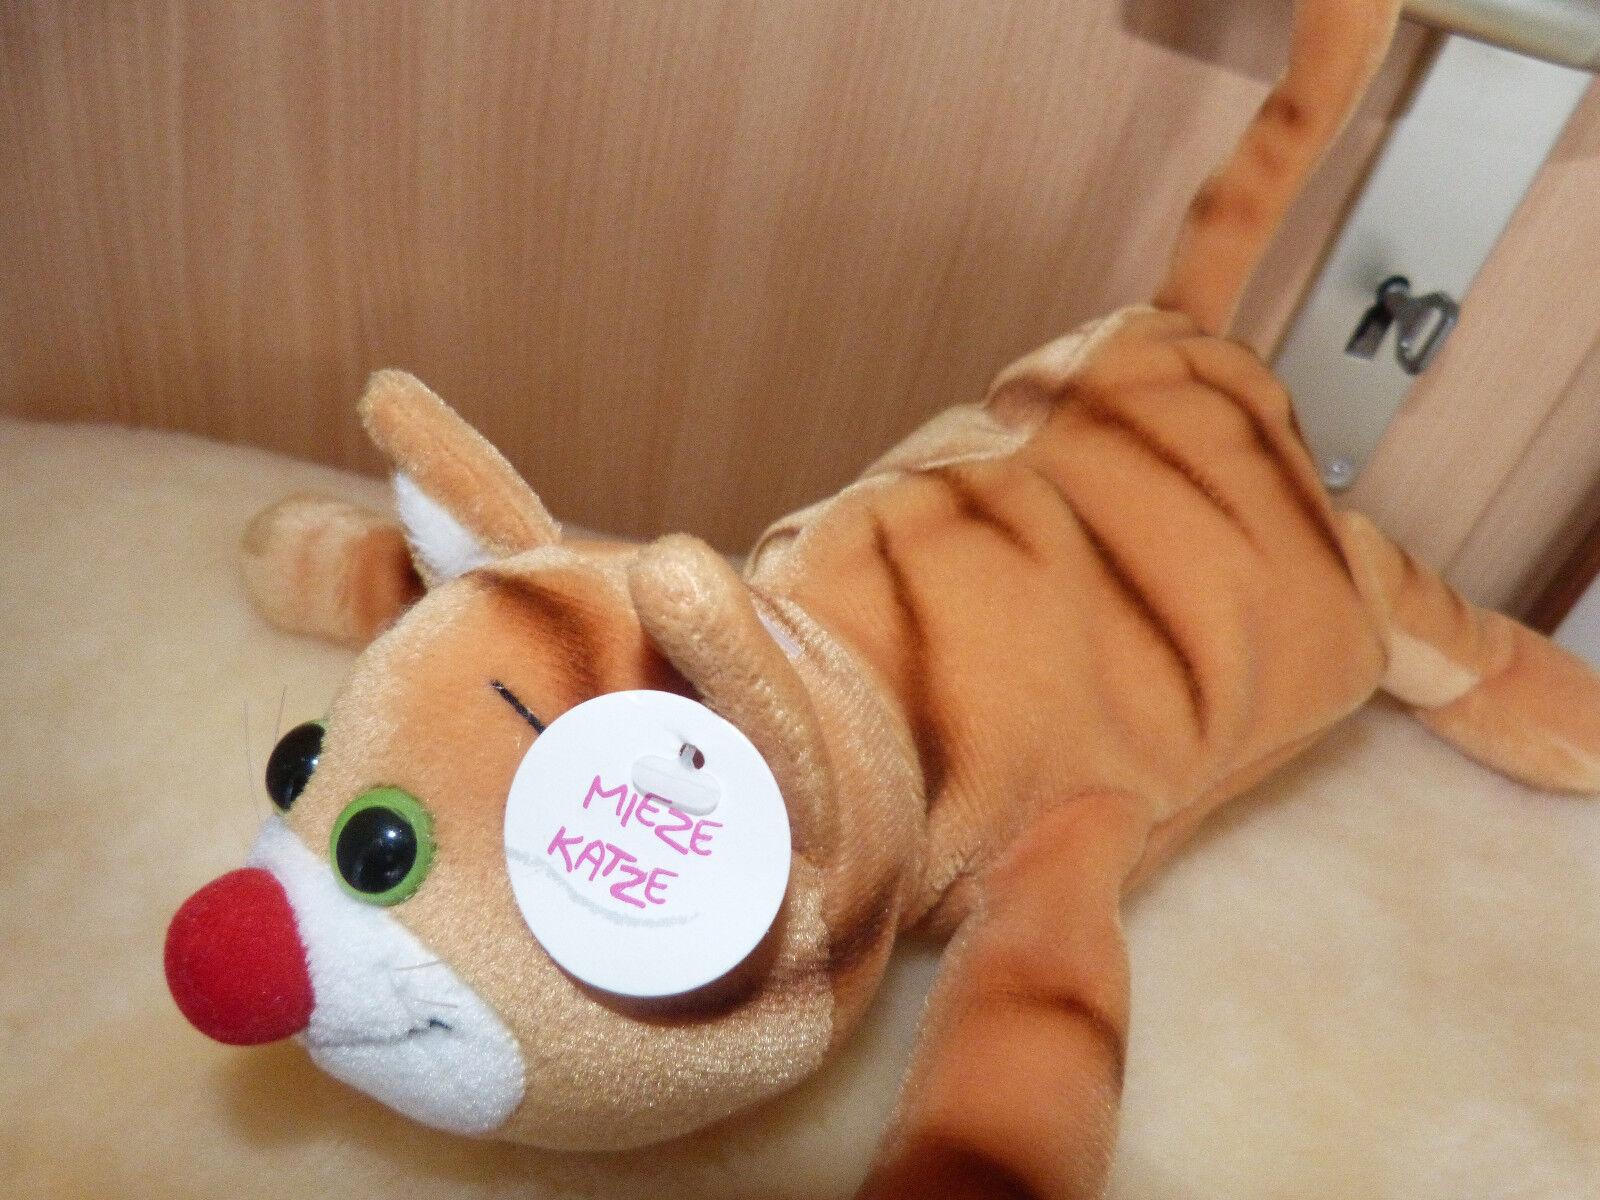 NEU Stoff 31cm Katze braun Kuschel Plüsch Stoff NEU Tier Dekoration Schaffer lustig Comic fe5b3f